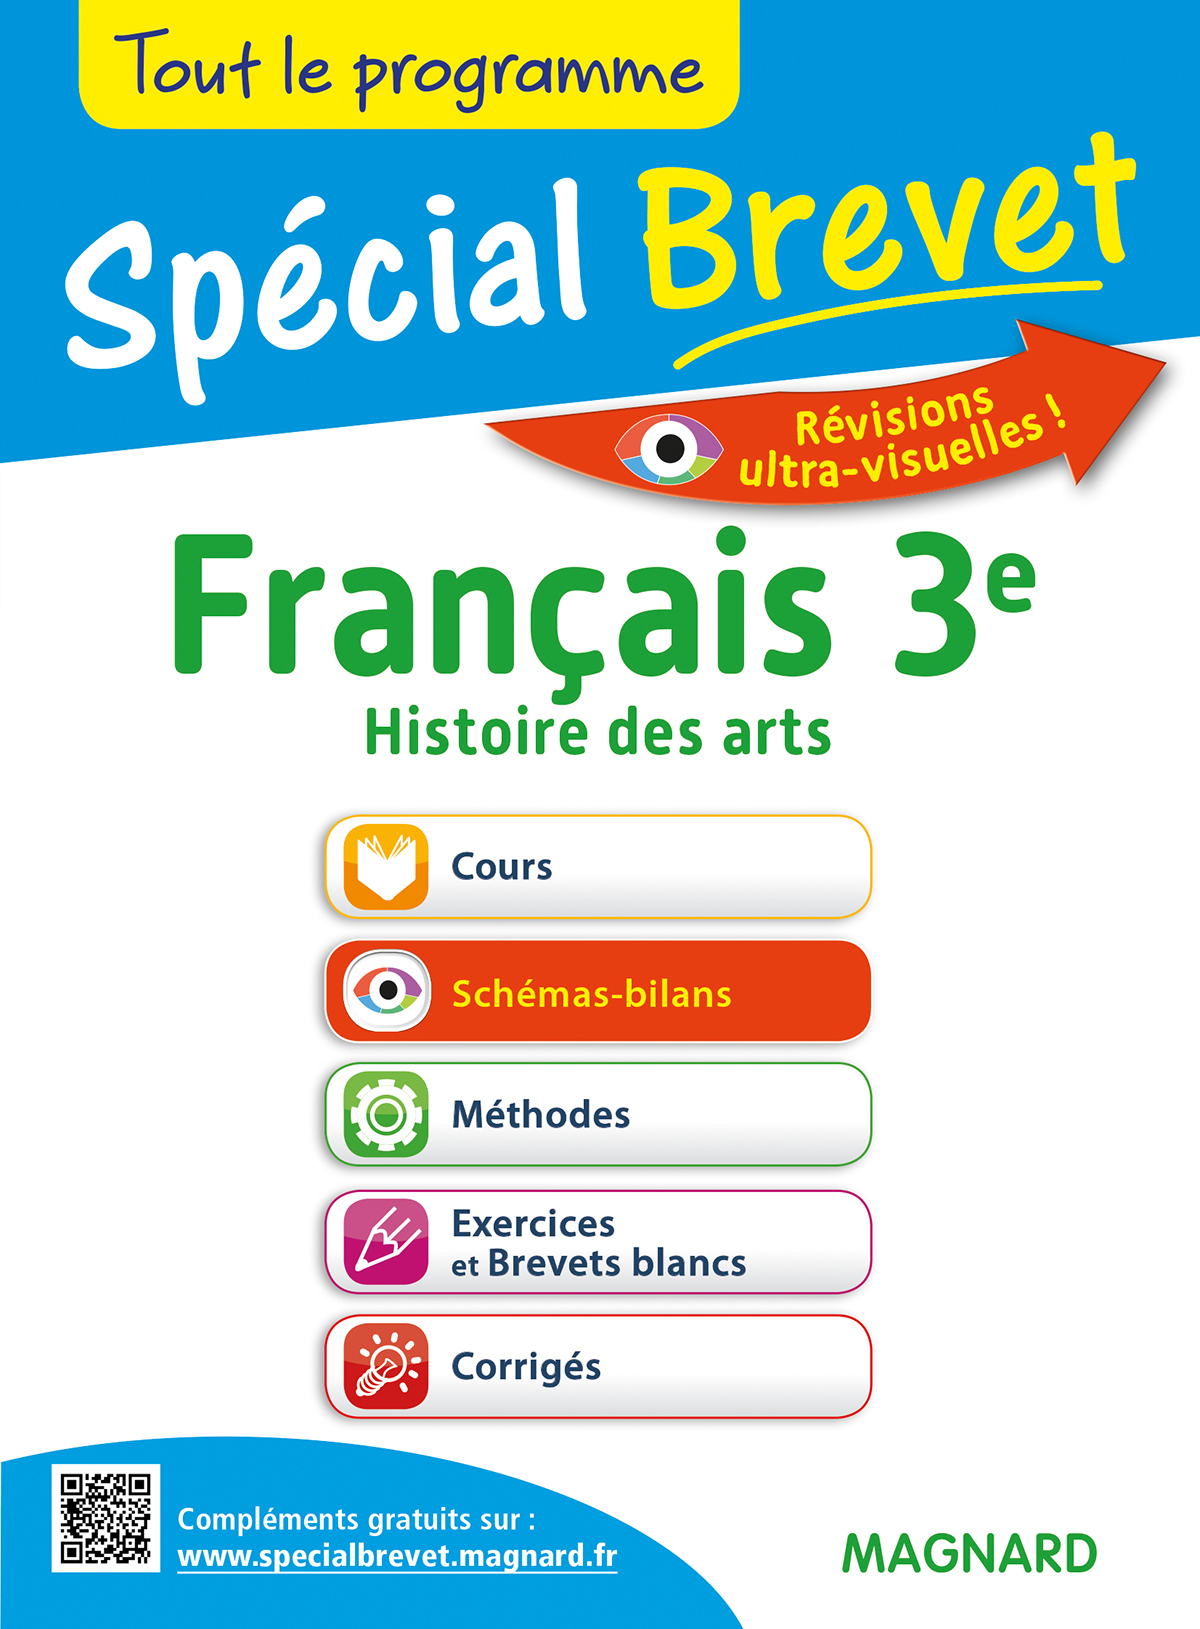 SPECIAL BREVET FRANCAIS 3E HISTOIRE DES ARTS